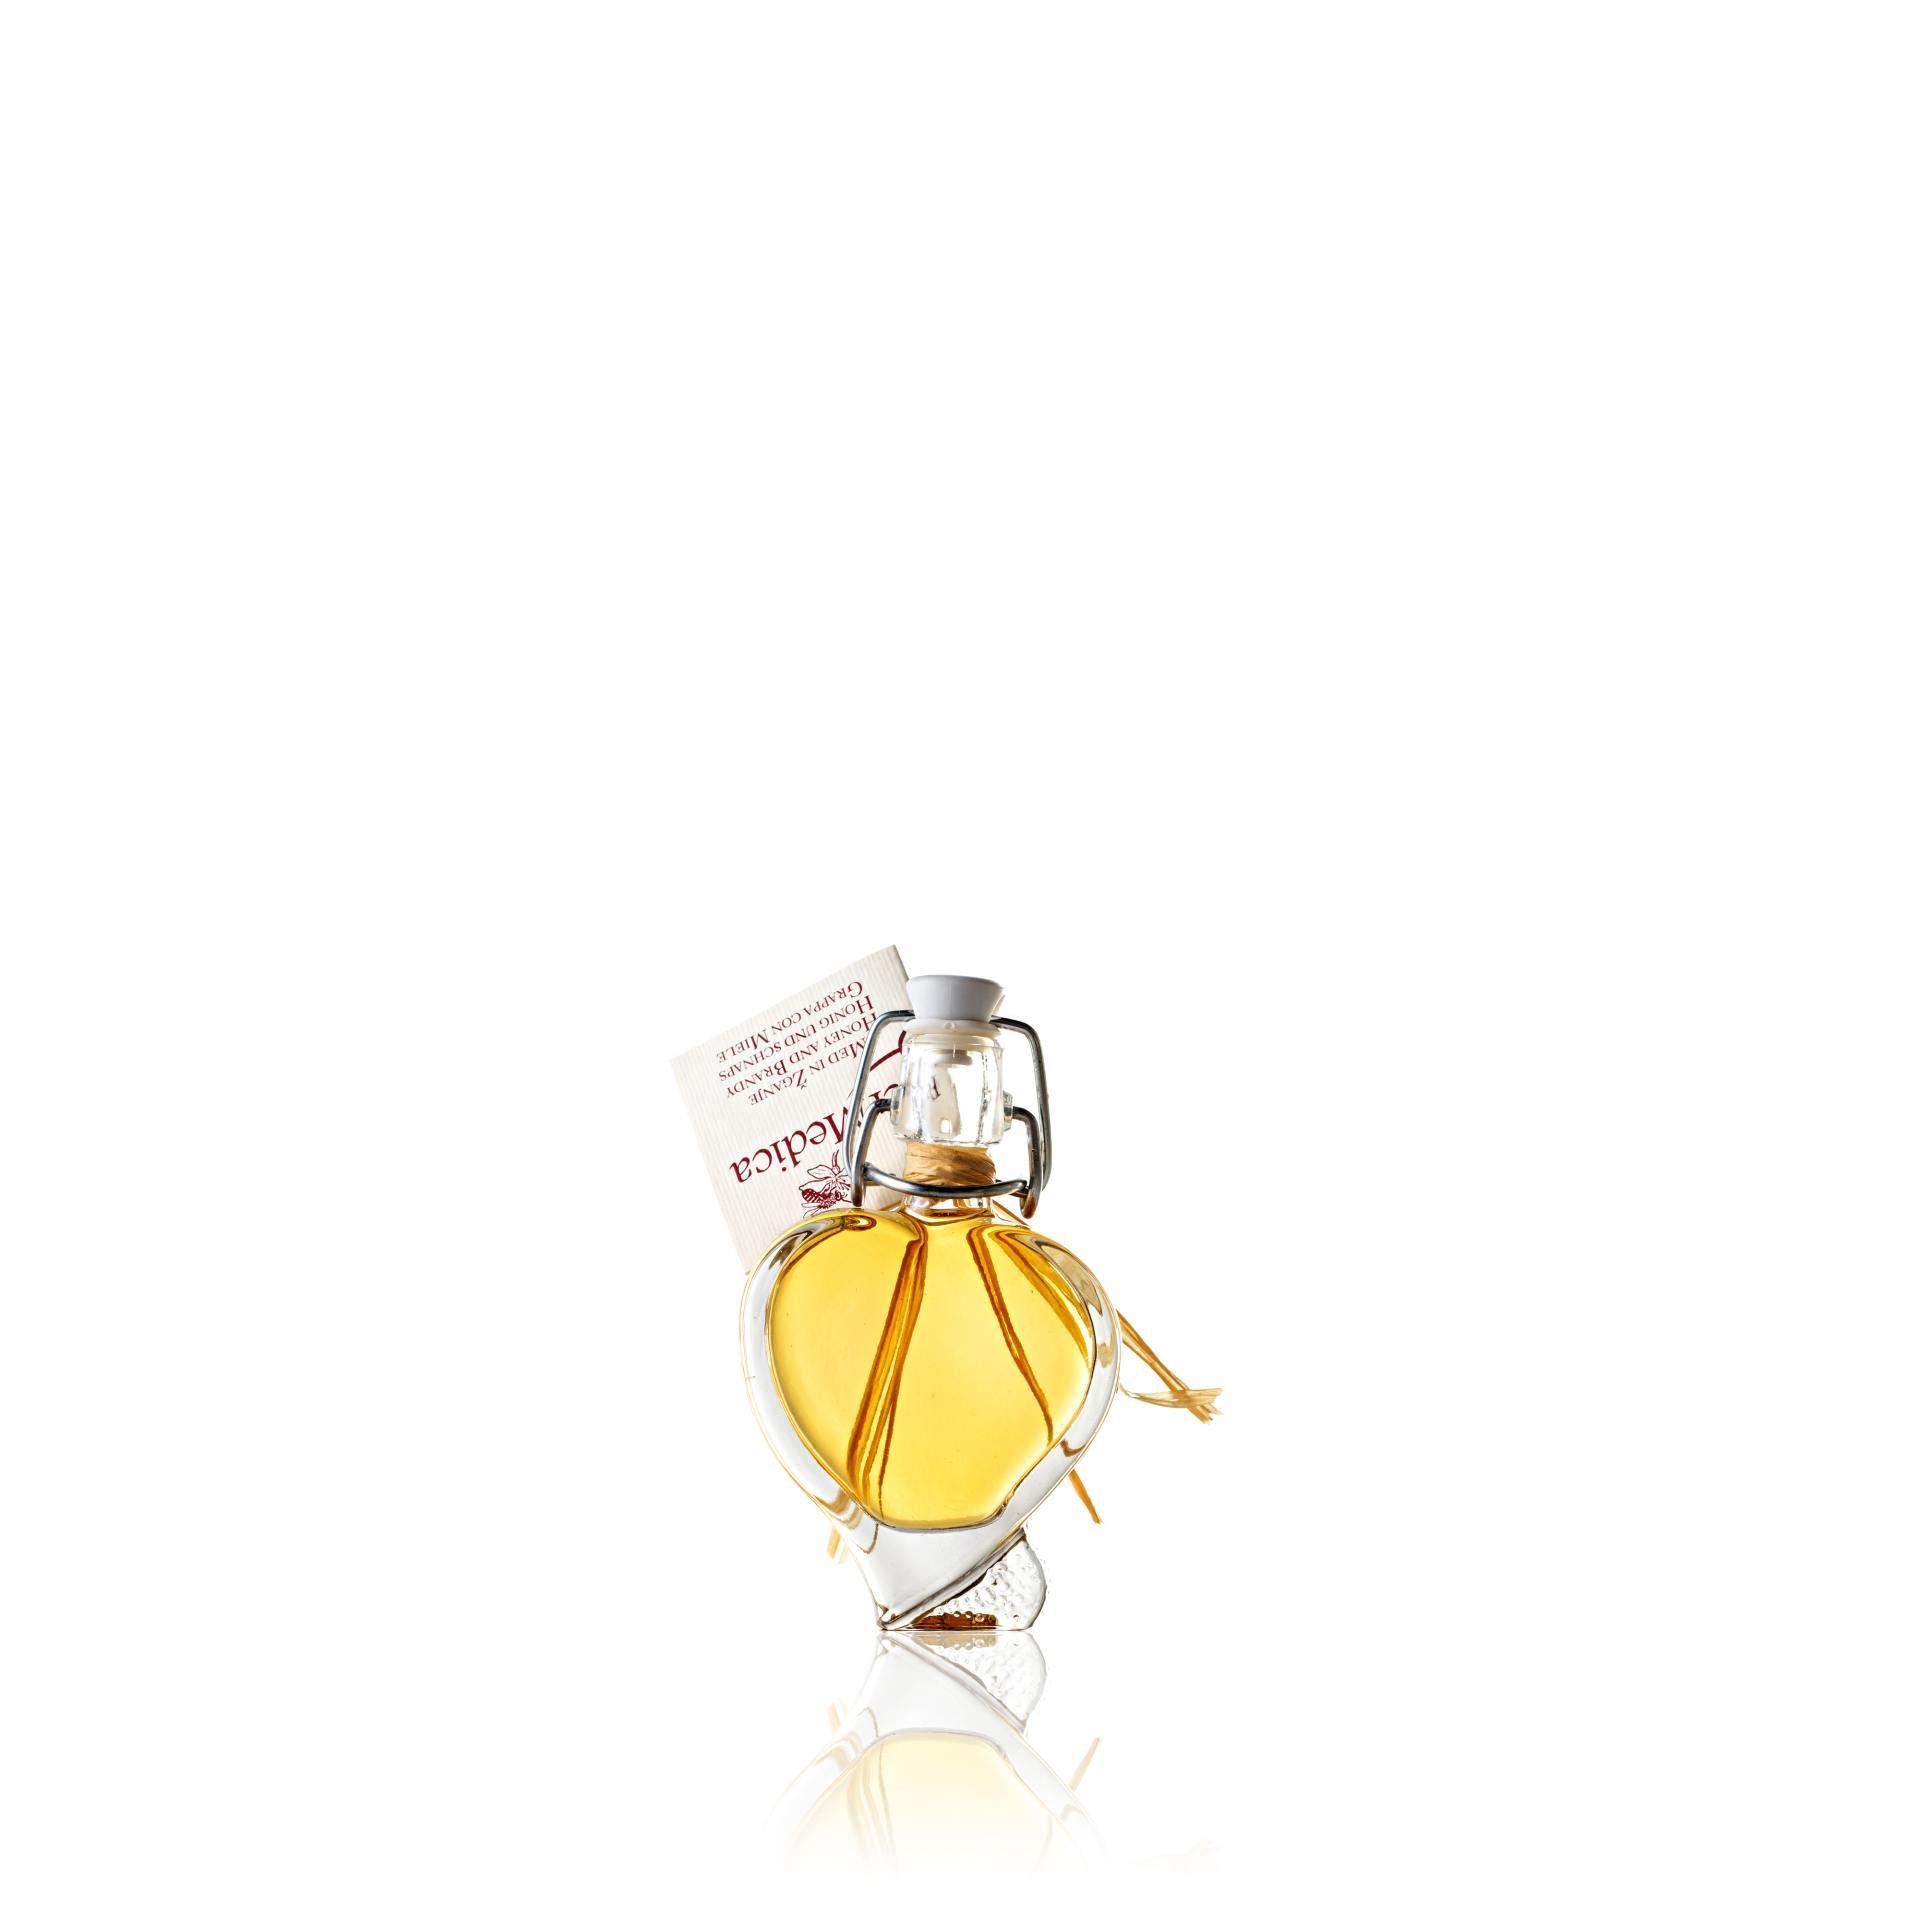 Med in žganje, med z dodatki, darilni seti v lični embalaži fermedica 57